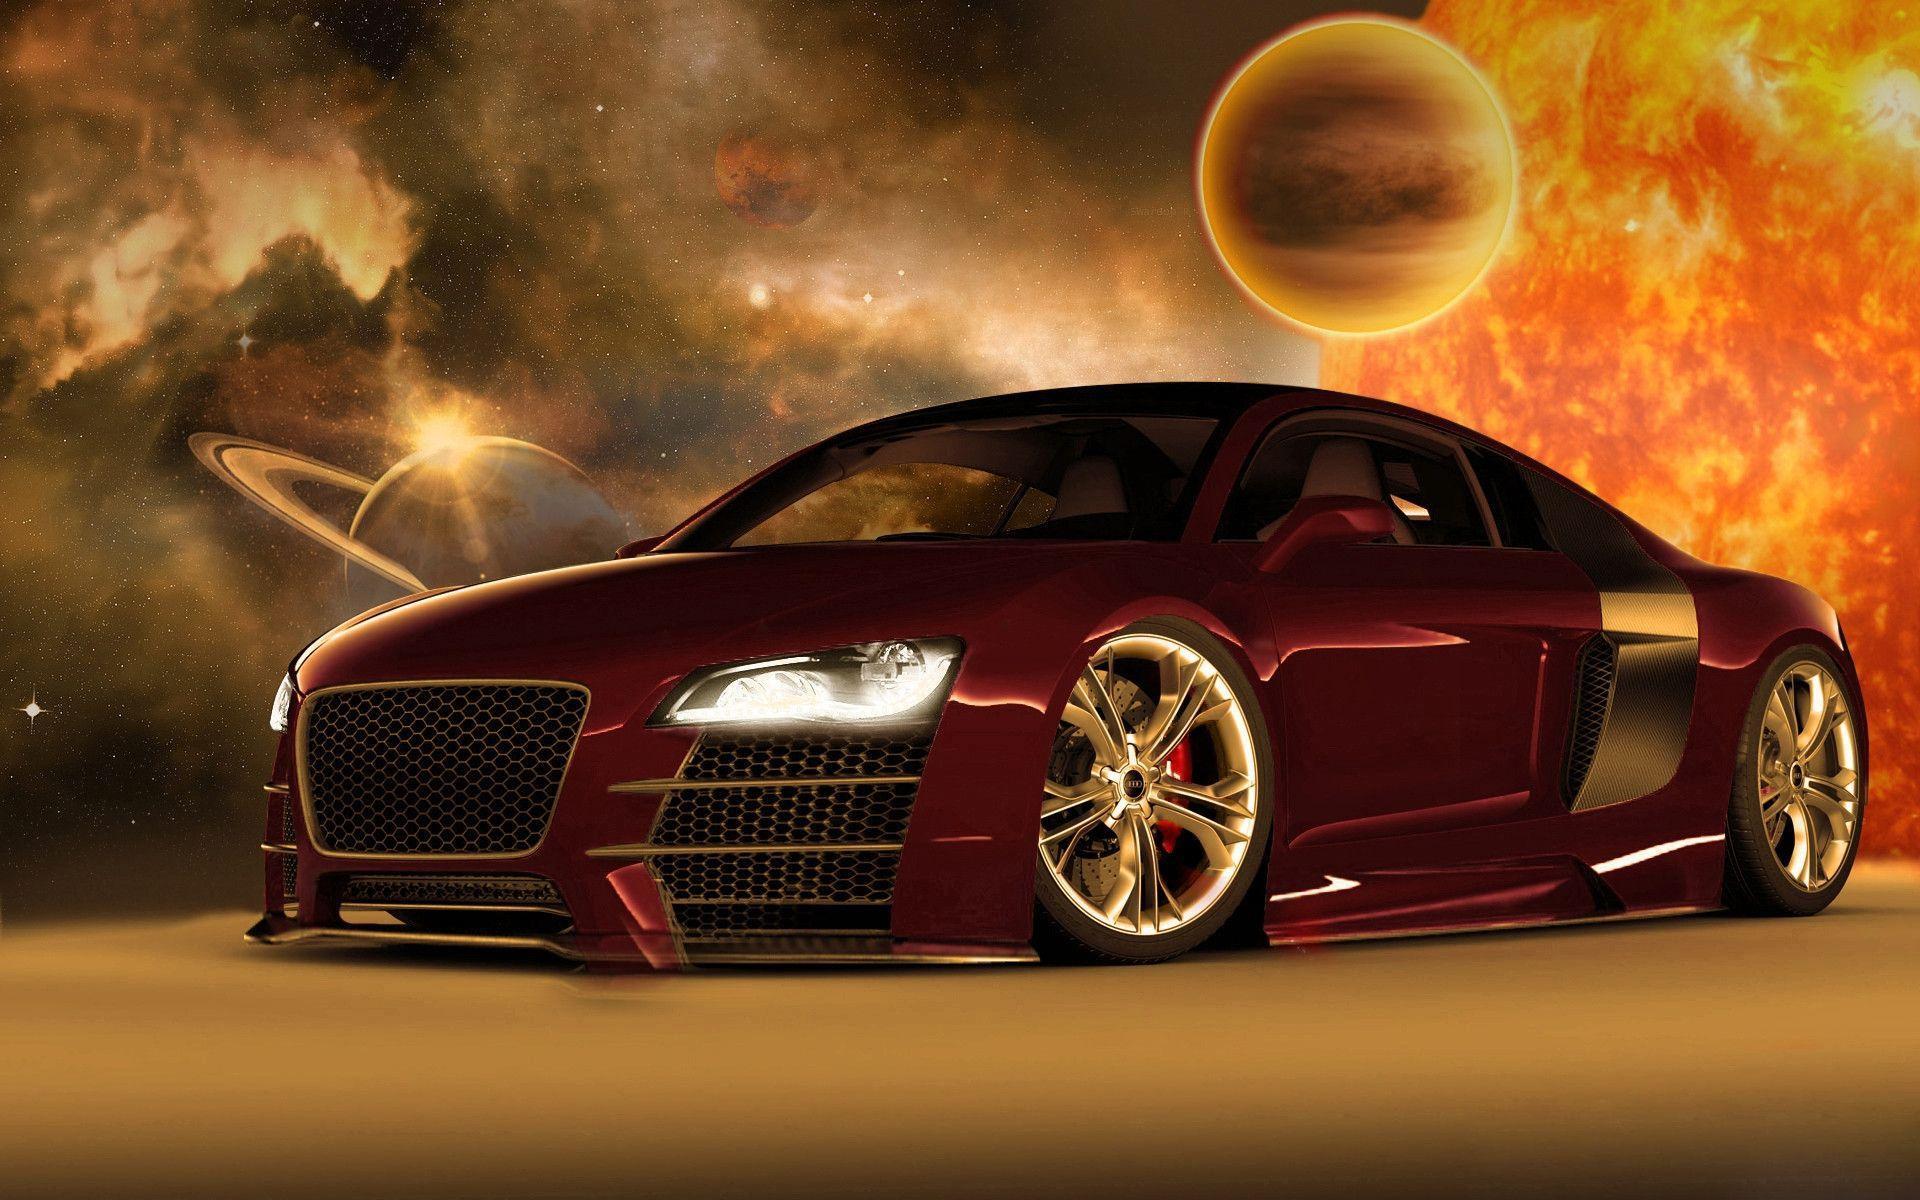 Hình nền xe hơi 1920x1200.wiki 1080P HD PIC WPE0014750